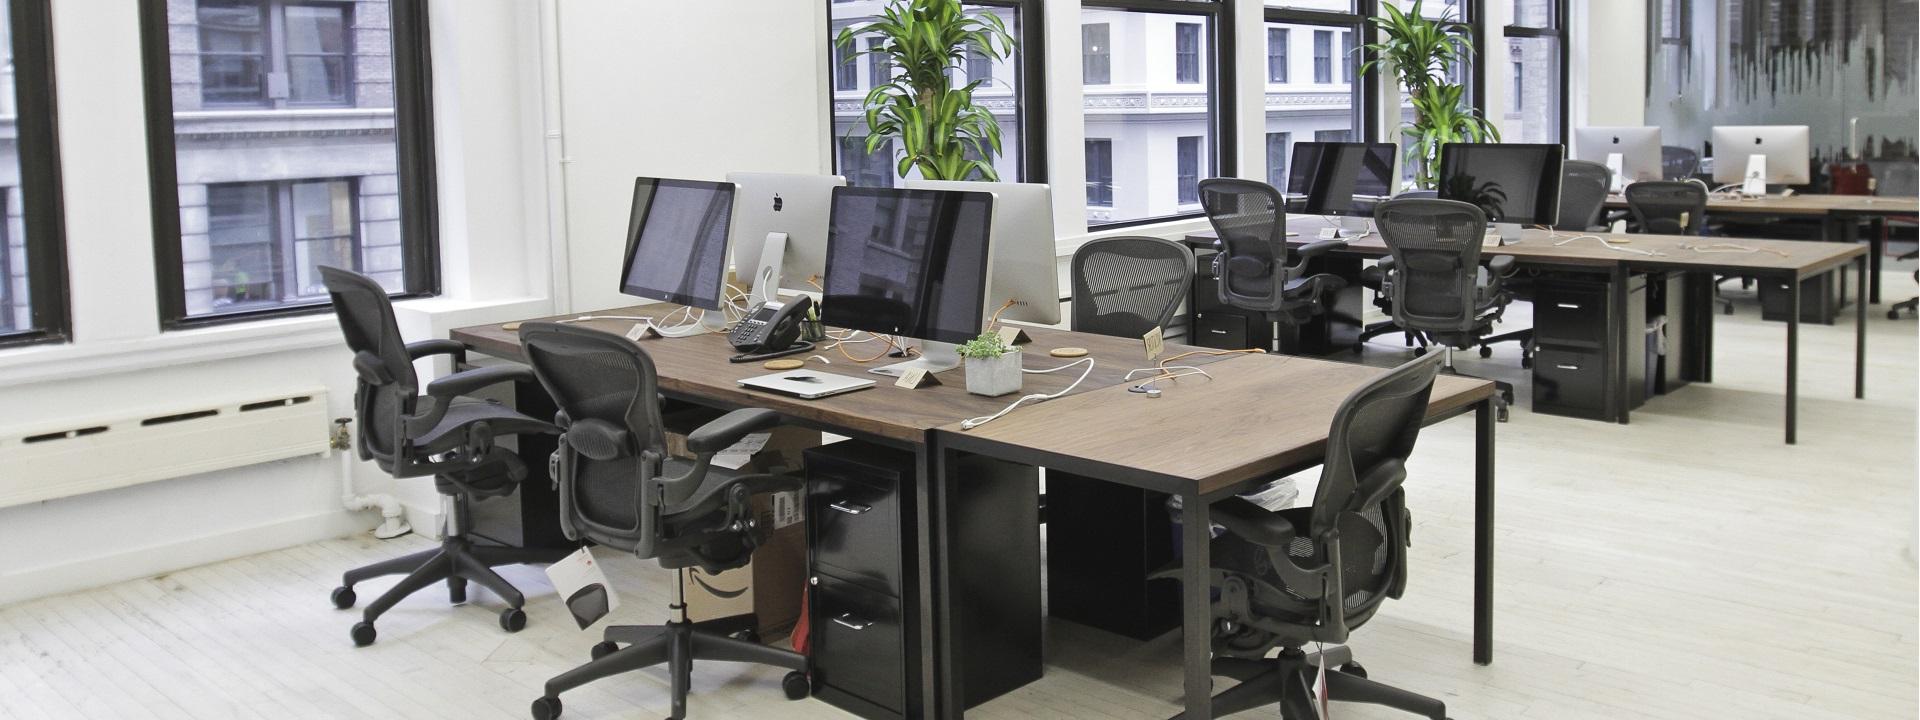 Muebles De Oficina De Segunda Mano 9ddf Pra Venta De Mobiliario De Ocasià N Para Su Oficina